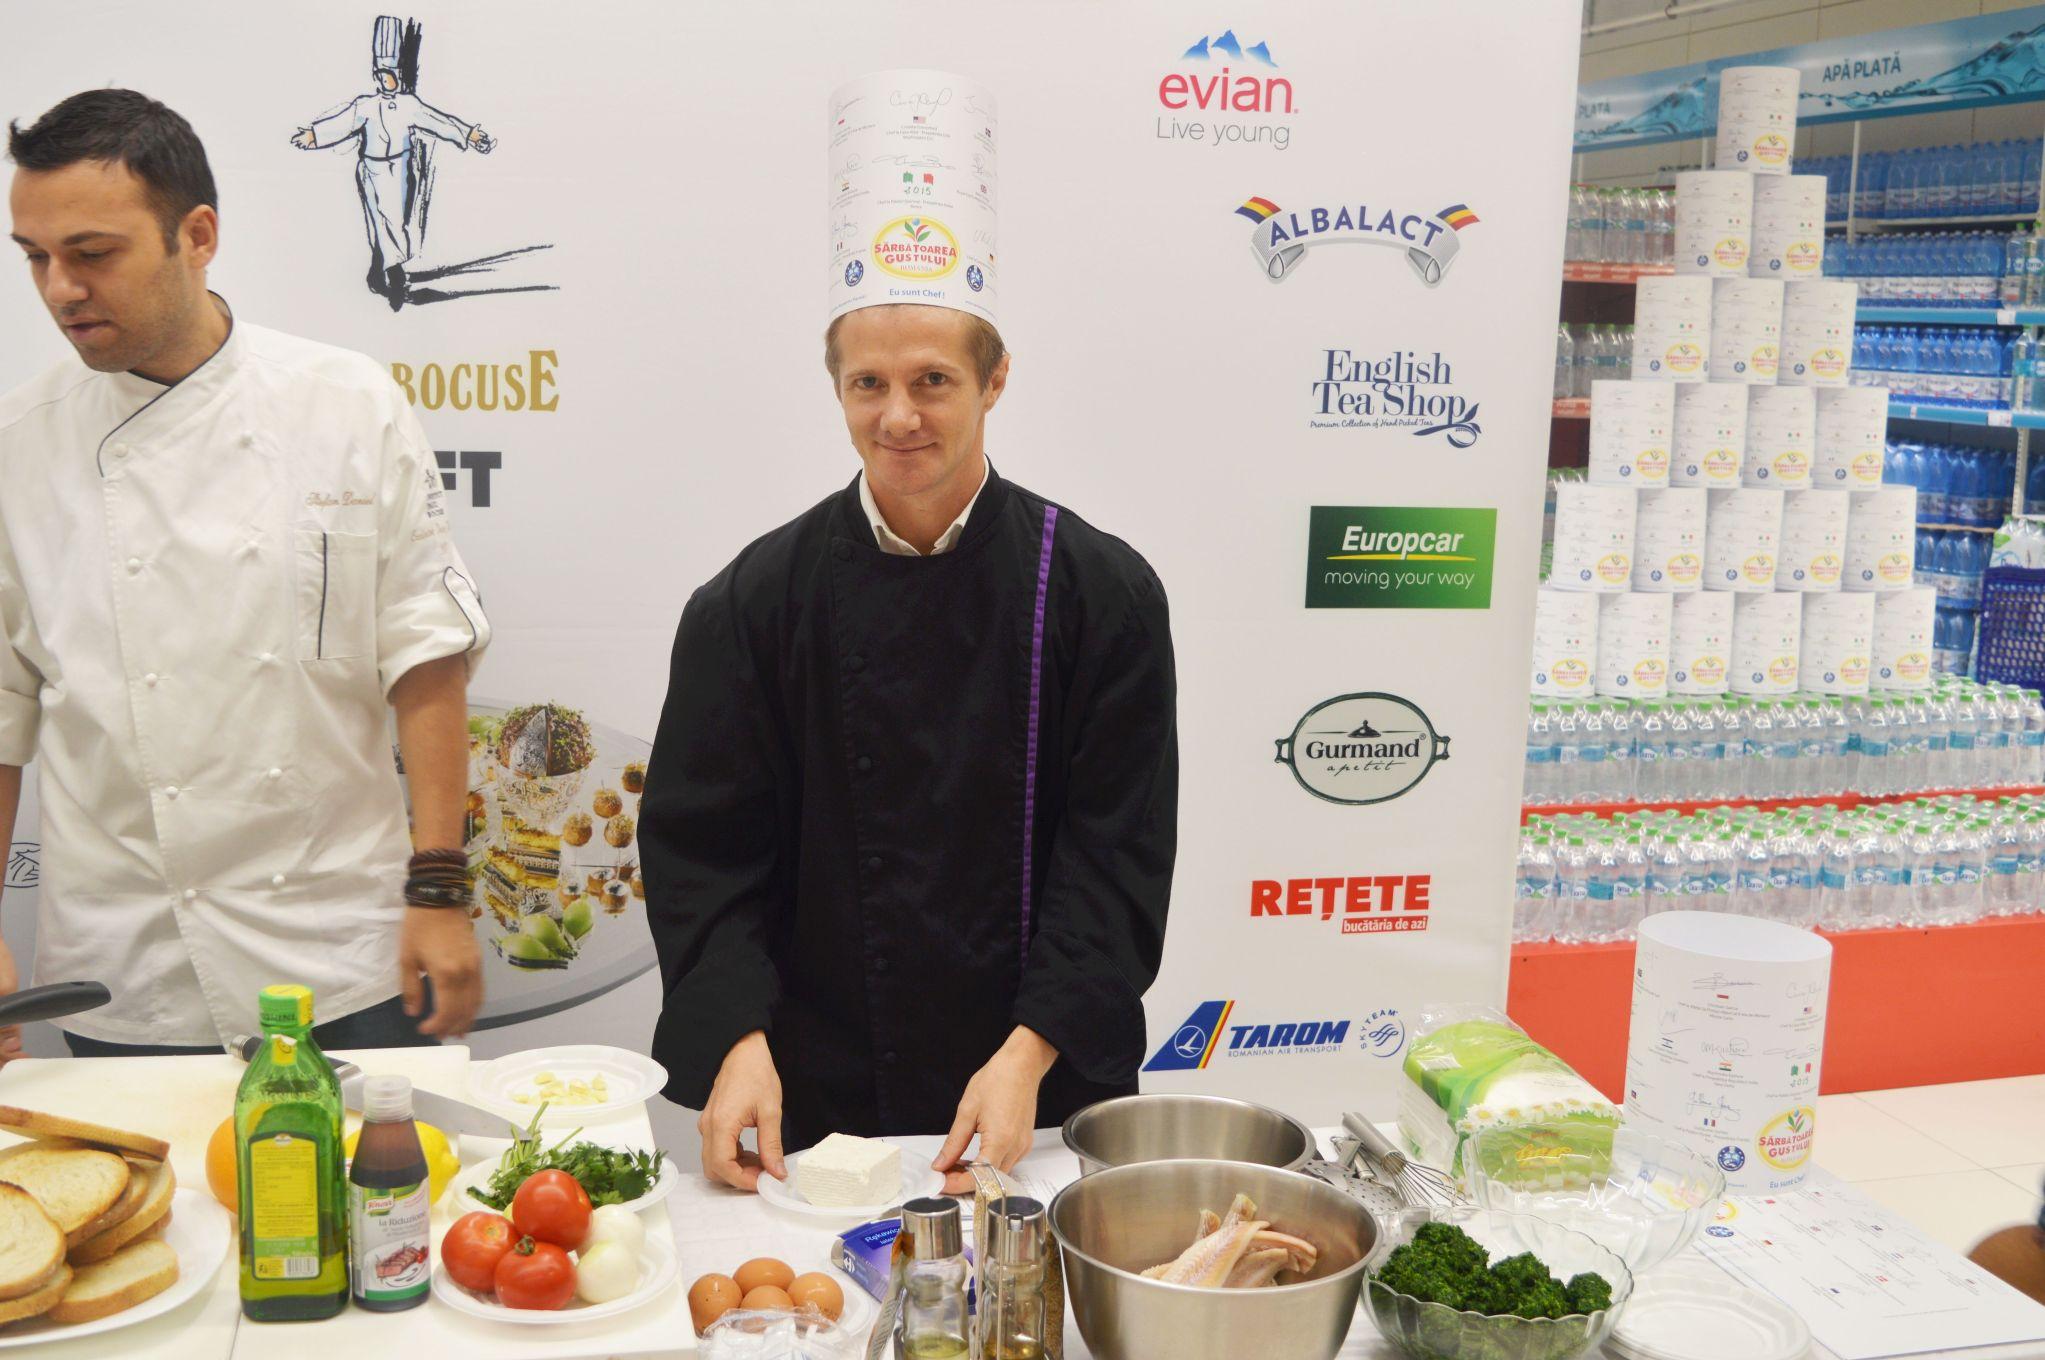 Atelier_Culinar_Sarbatoarea_Gustului_Carrefour_MegaMall_Atelier_Educational_01